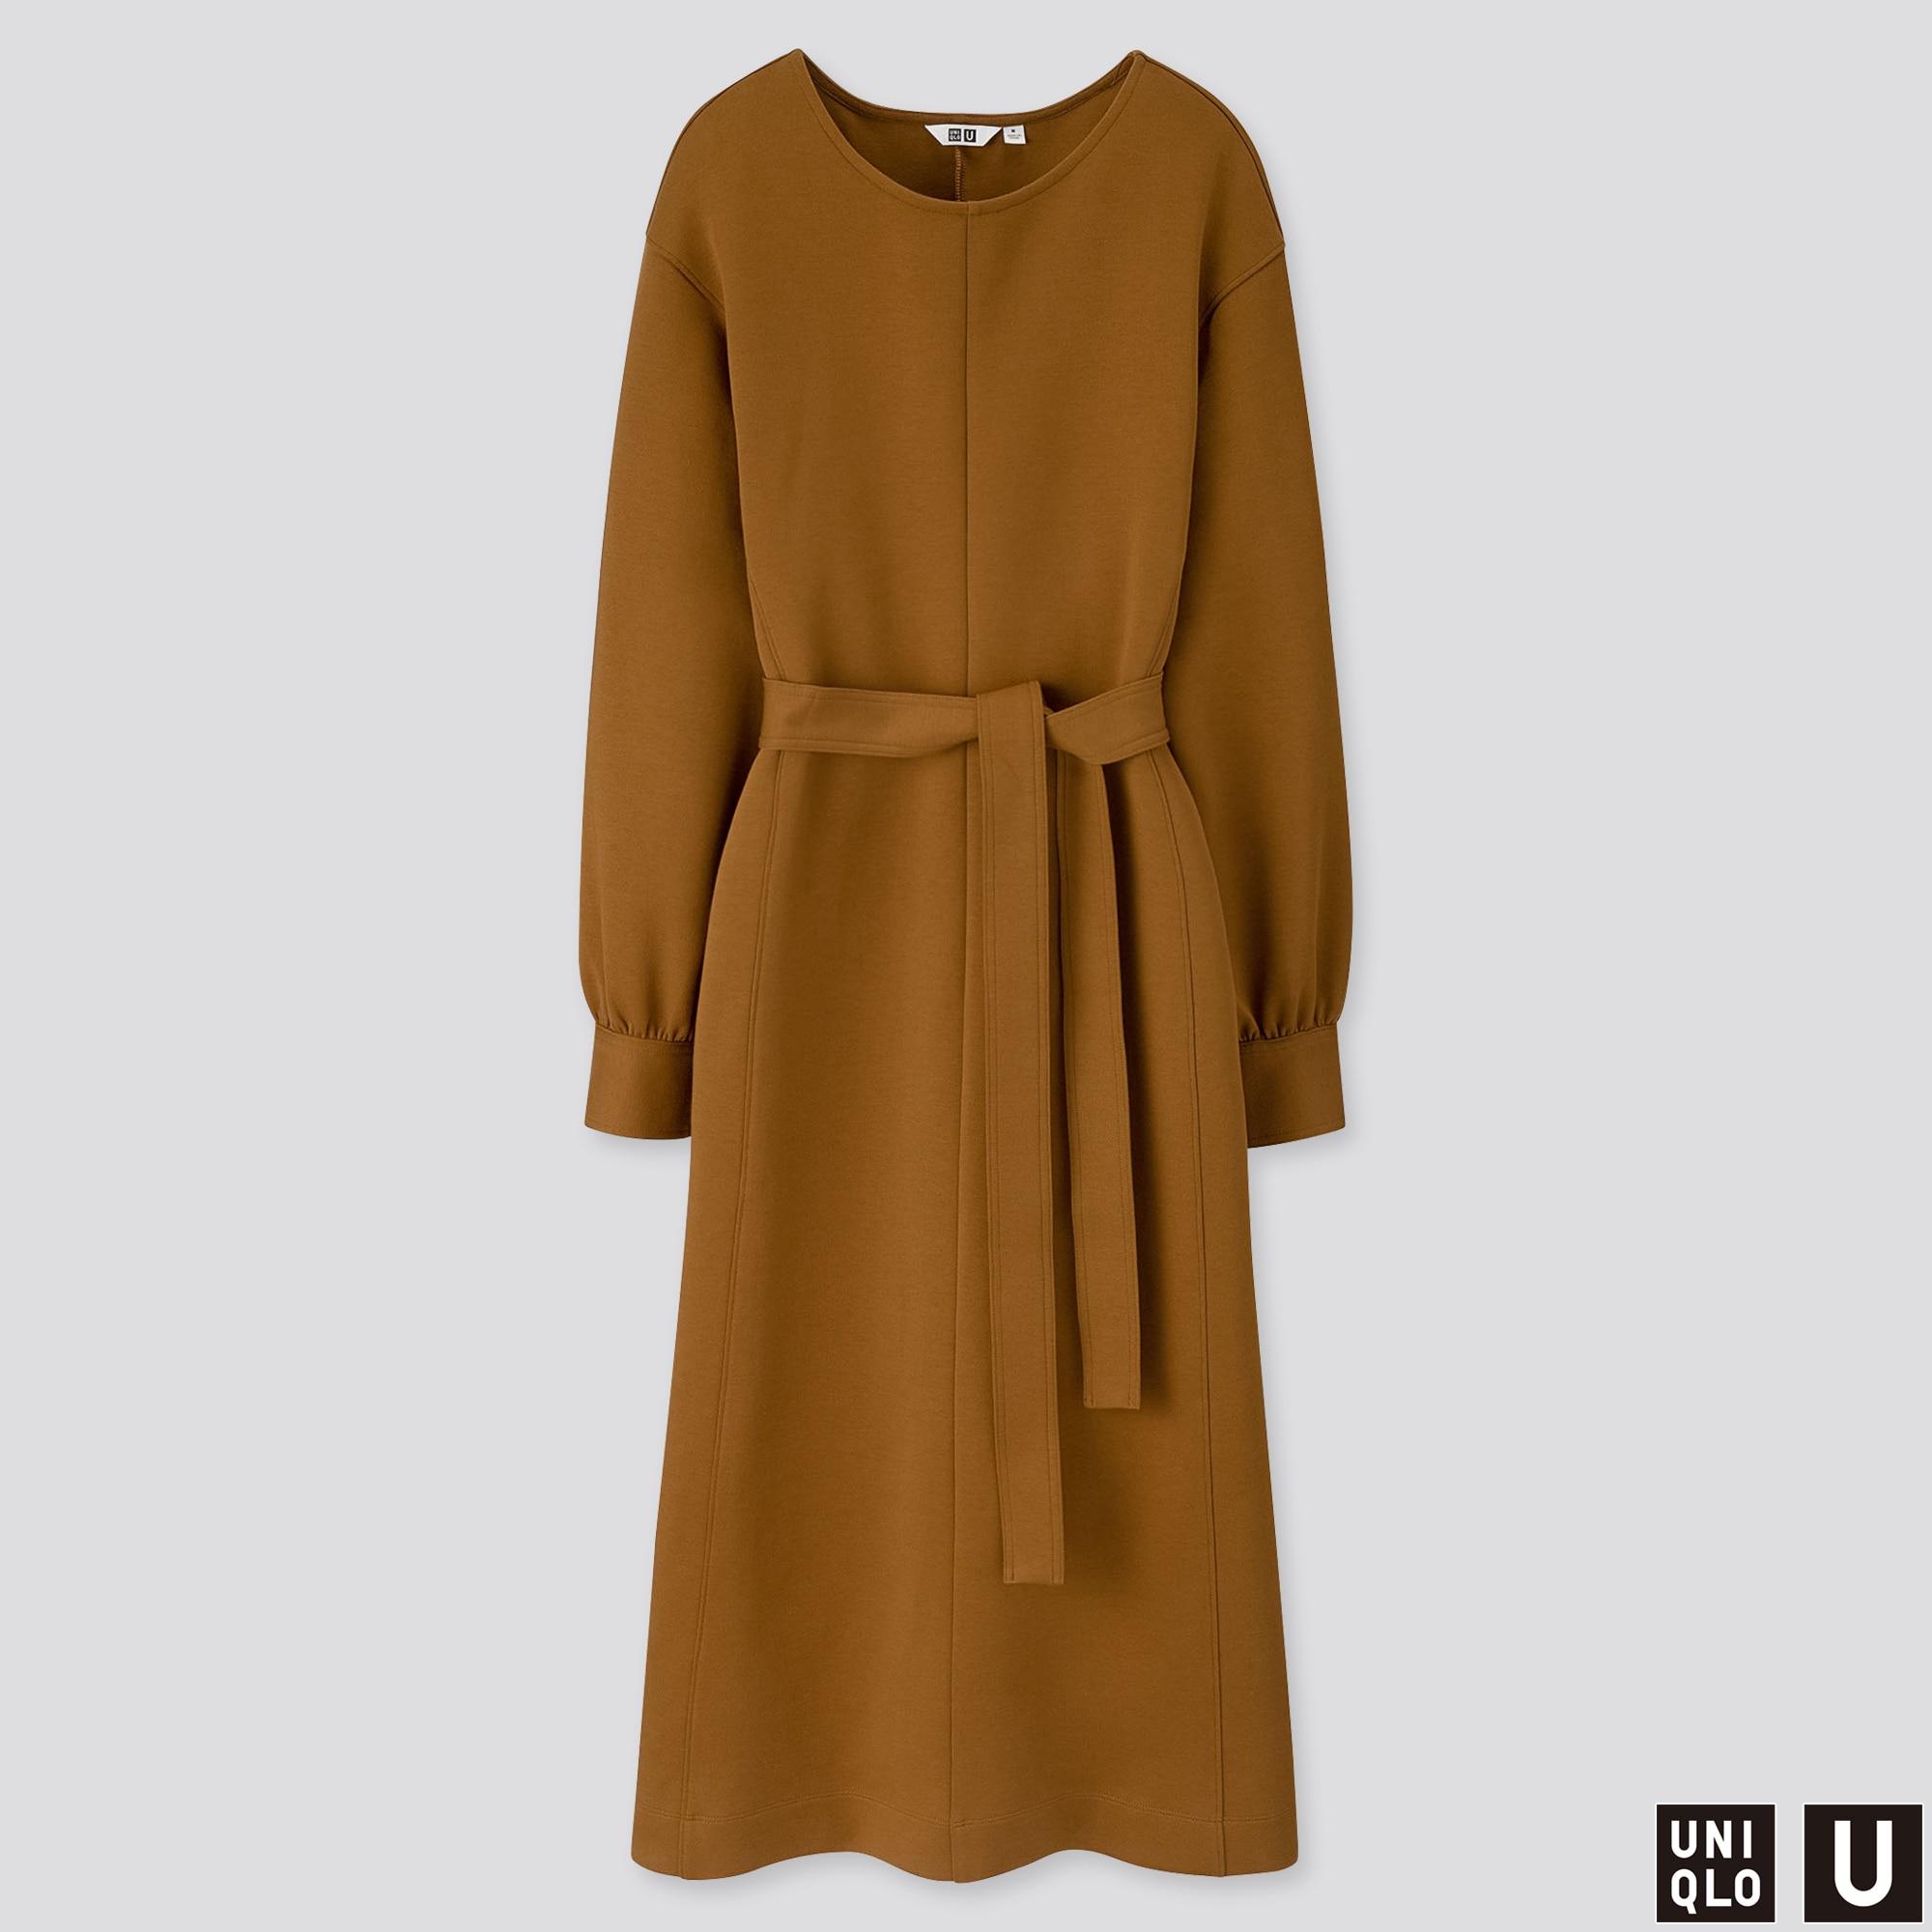 WOMEN U JERSEY BELTED LONG-SLEEVE DRESS